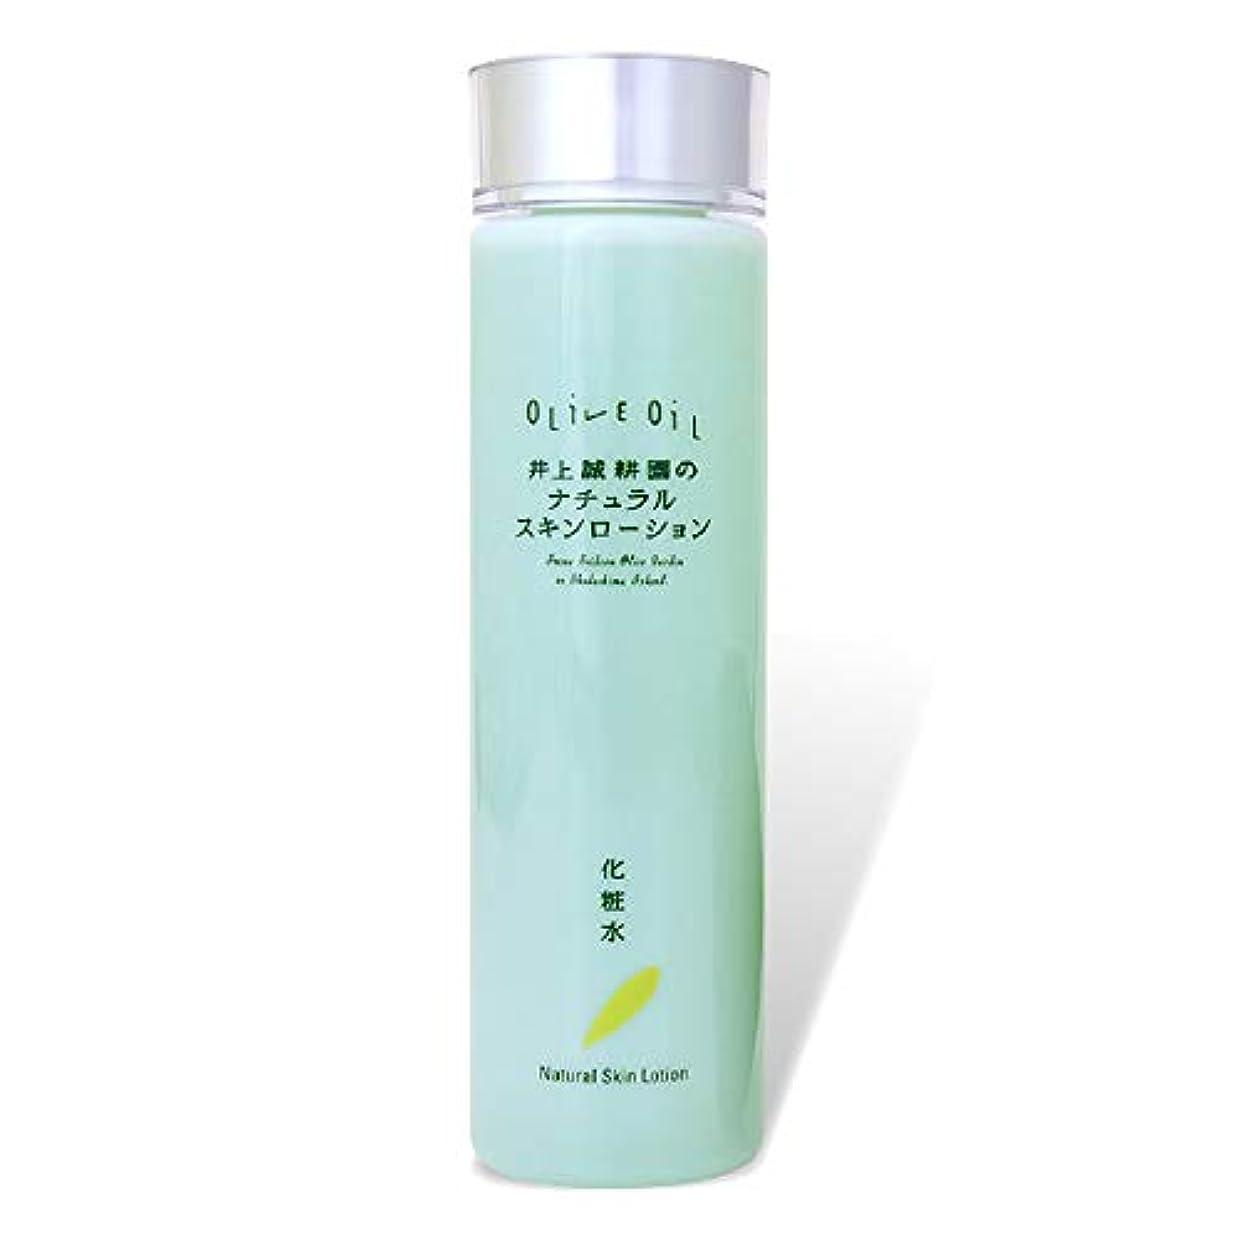 高さ一時解雇する協同井上誠耕園 オリーブ化粧水(ナチュラルスキンローション)150mL ×1本